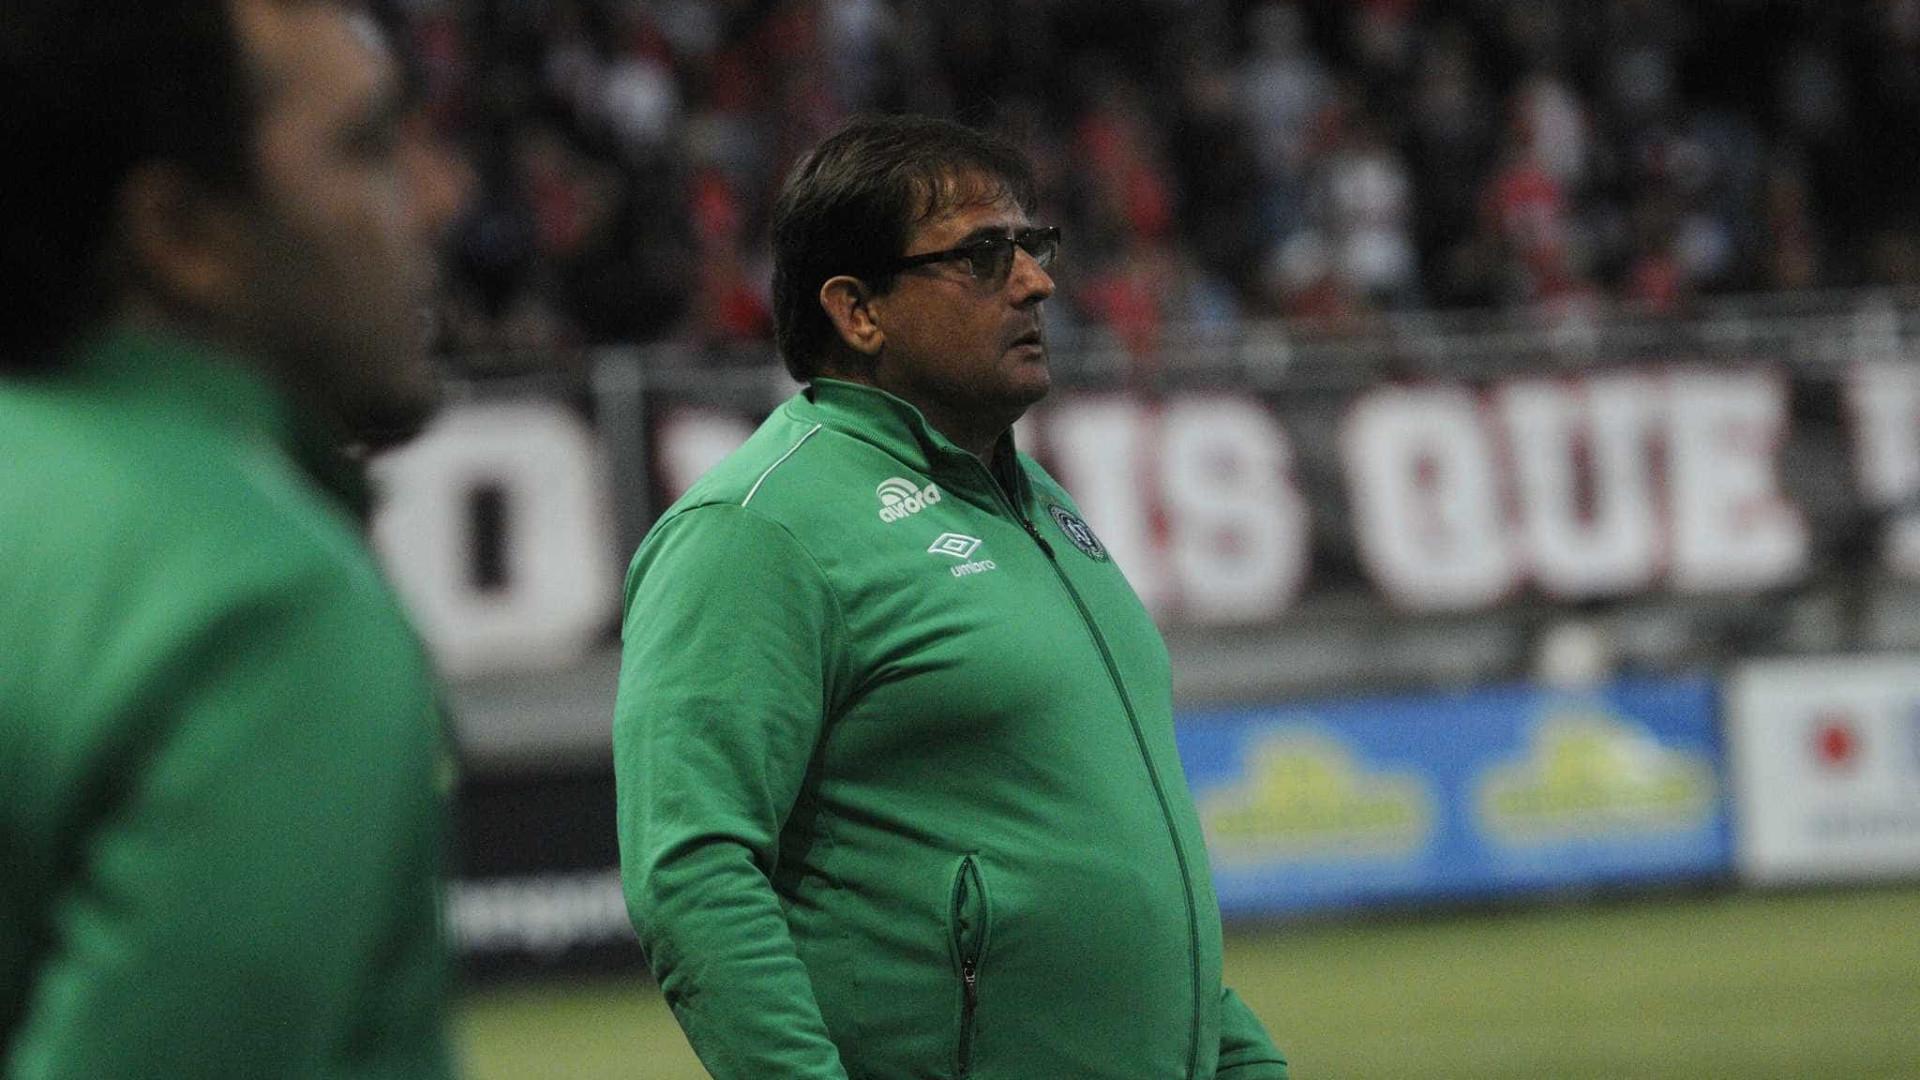 Na briga contra o rebaixamento, Chapecoense contrata Guto Ferreira